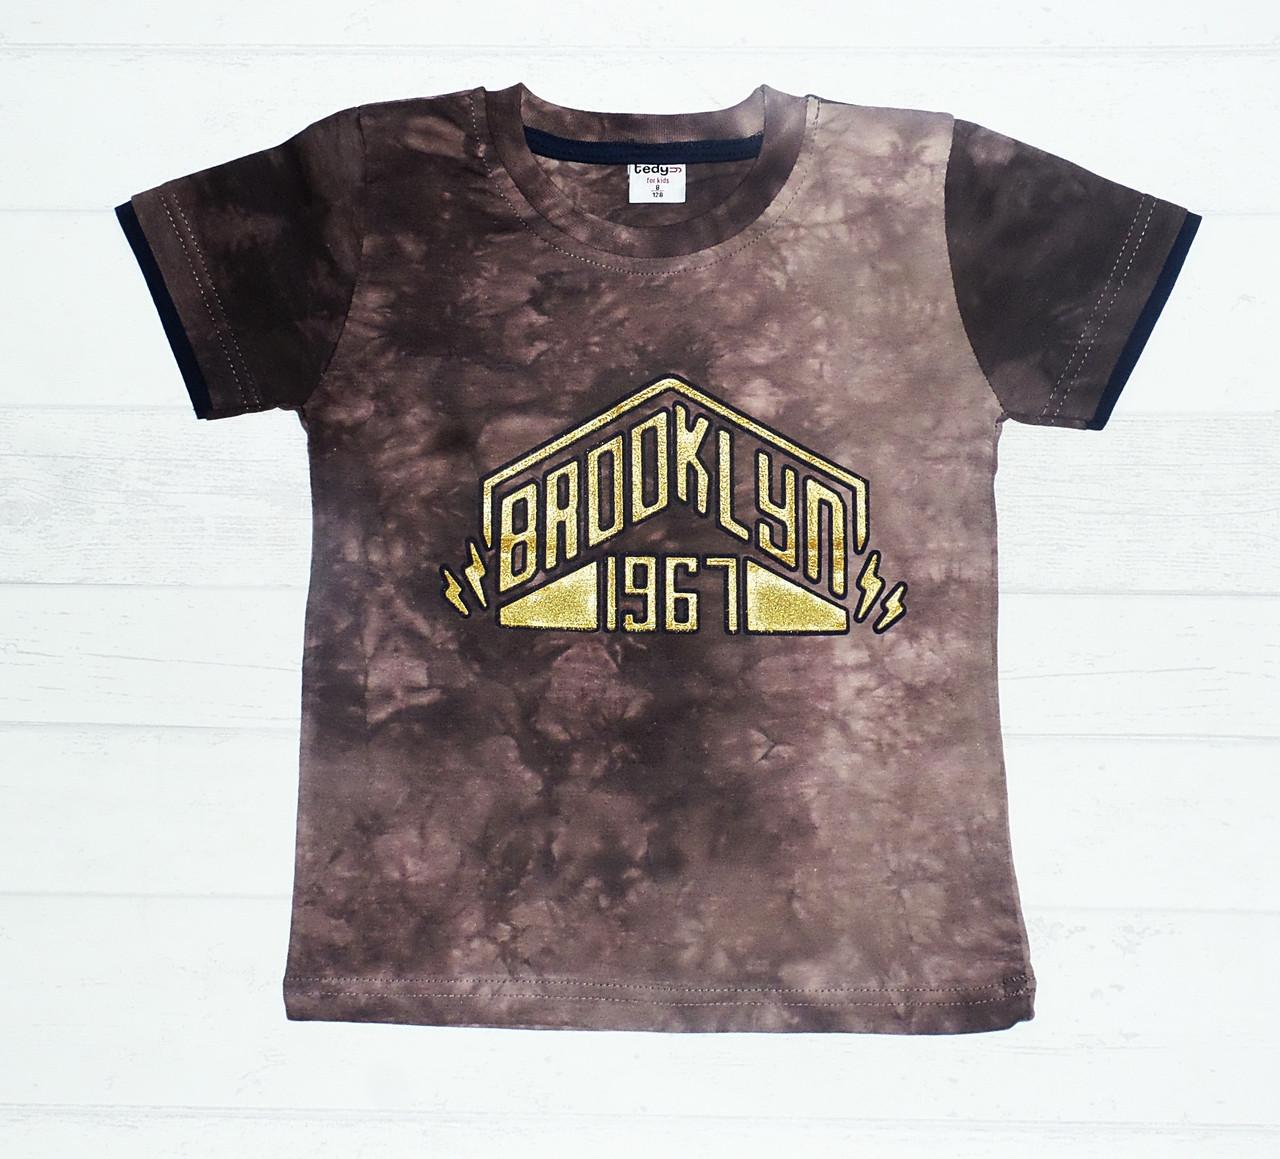 Детская футболка для мальчиков 8,9,10,11,12 лет.: продажа ...